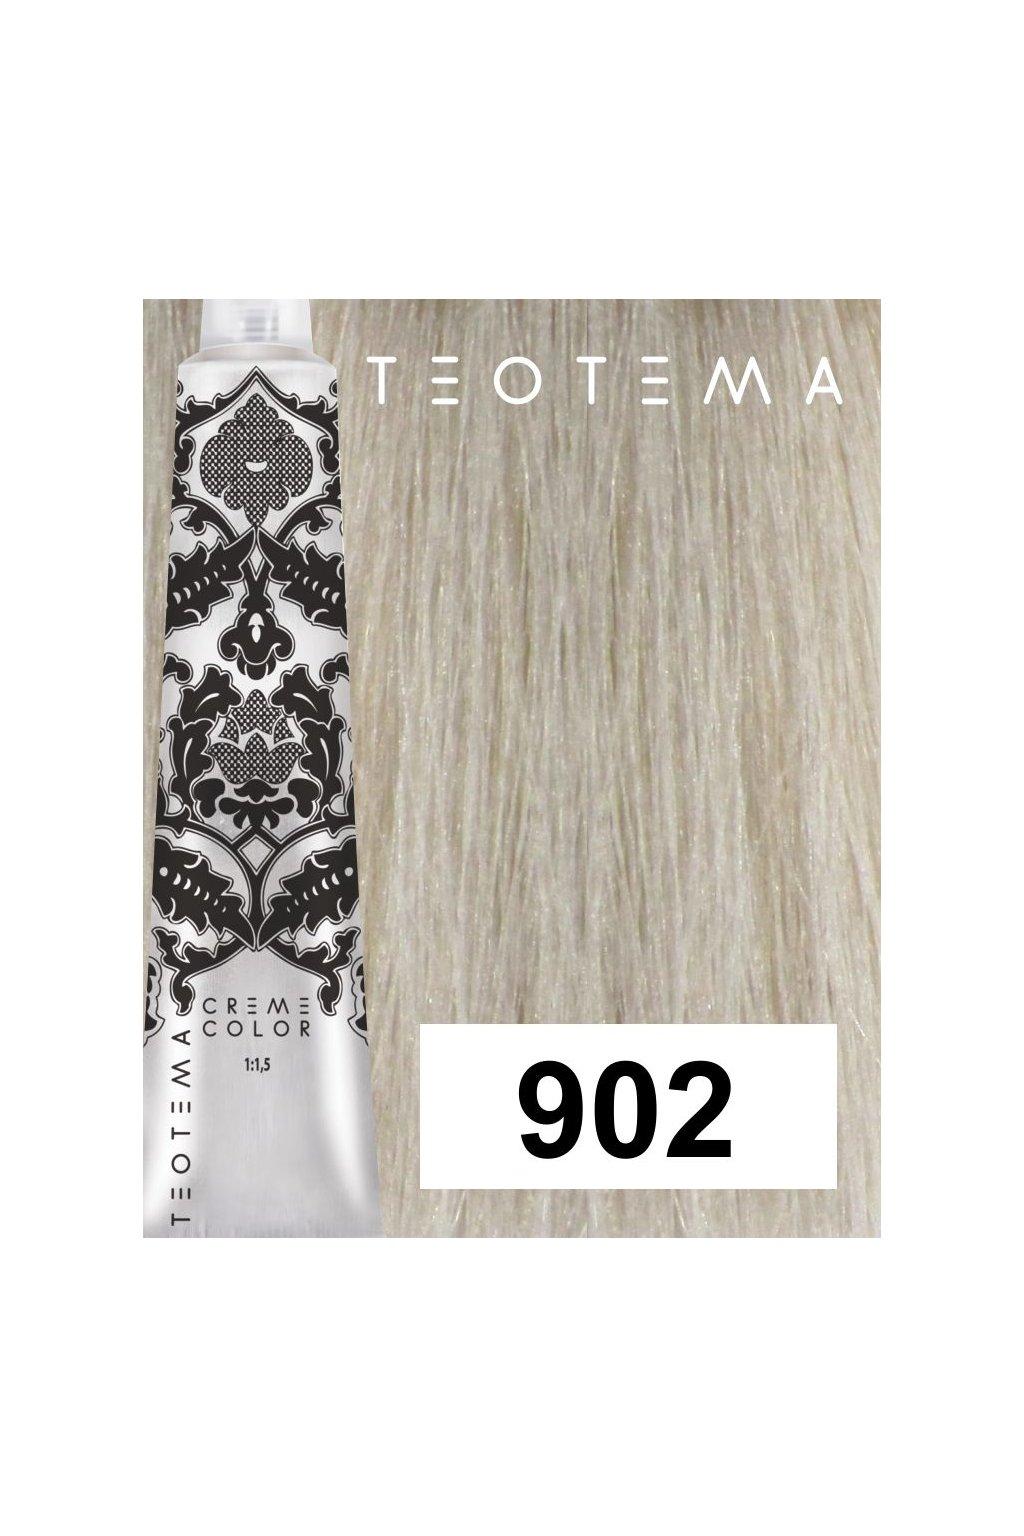 902 teotema